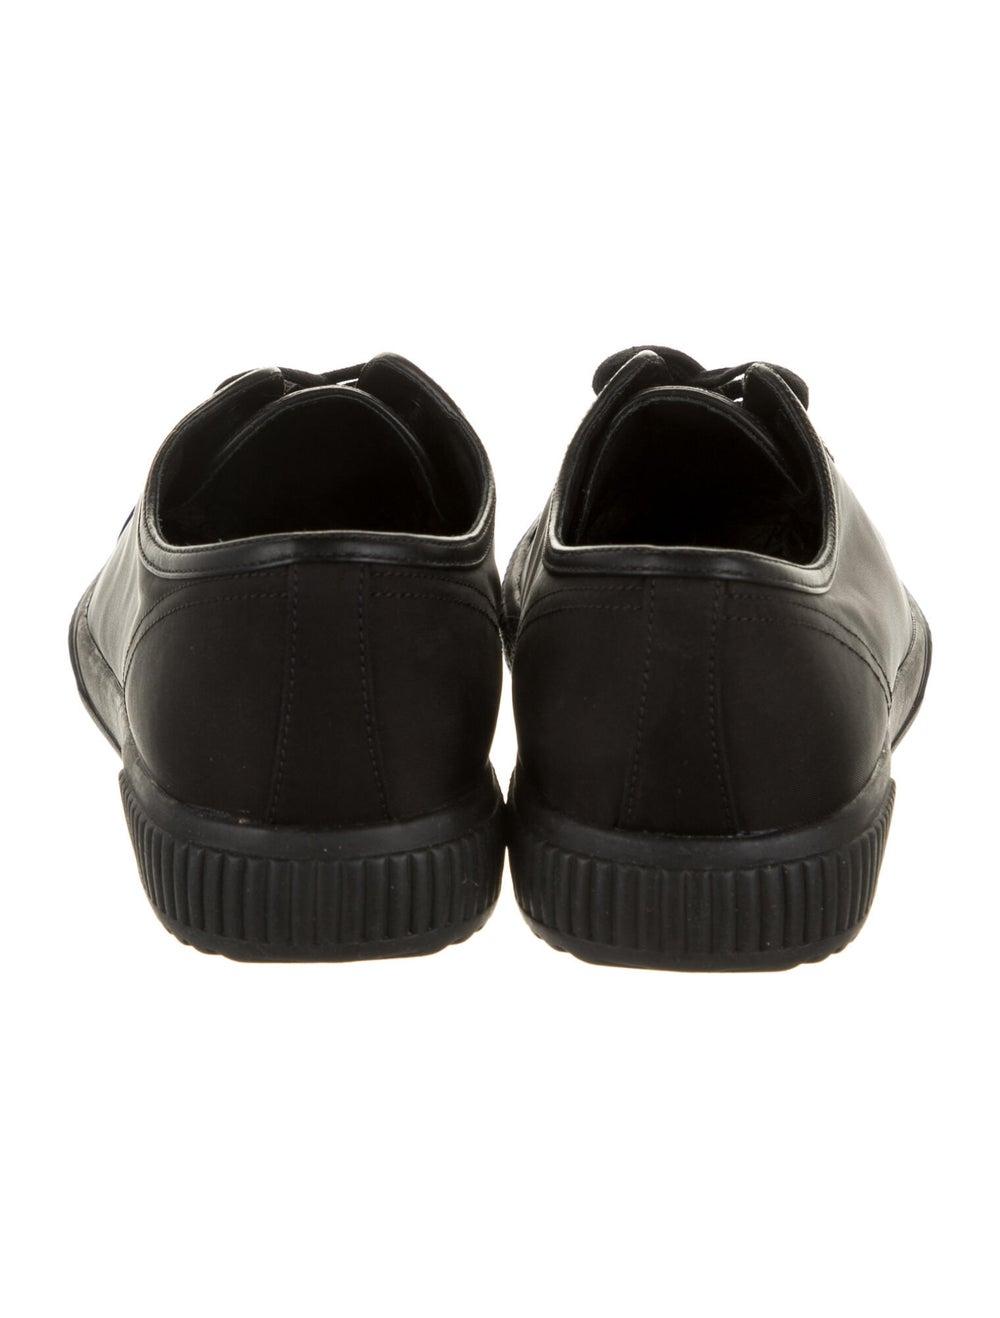 Prada Sport Sneakers Black - image 4